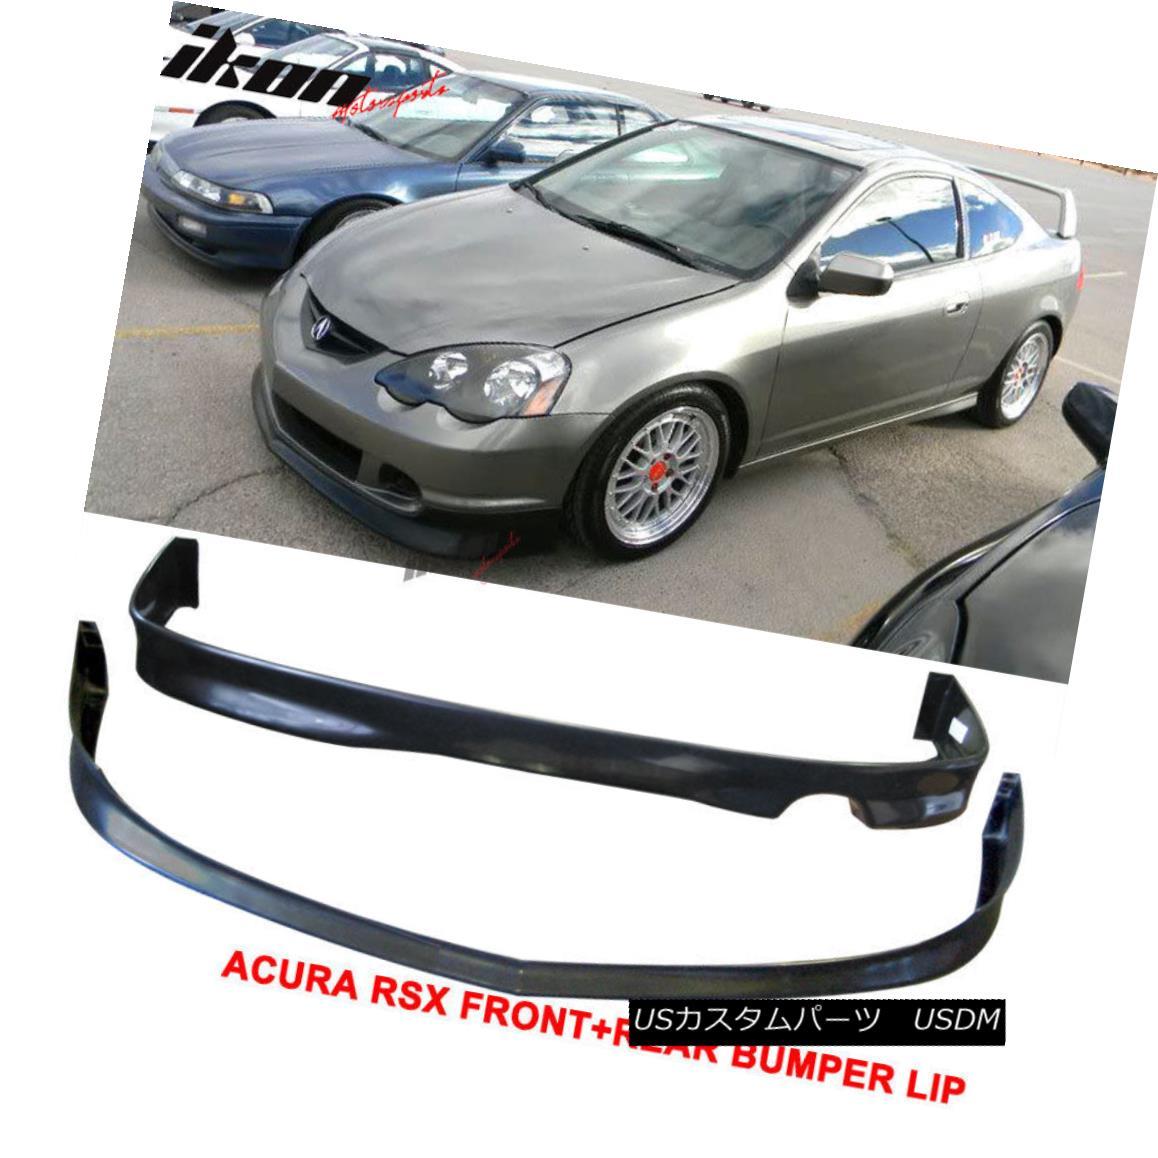 エアロパーツ Fits 02-04 Acura RSX DC5 Poly-Urethane Front Bumper Lip+ Rear Bumper Lip フィット02-04アキュラRSX DC5ポリウレタンフロントバンパーリップリアバンパーリップ